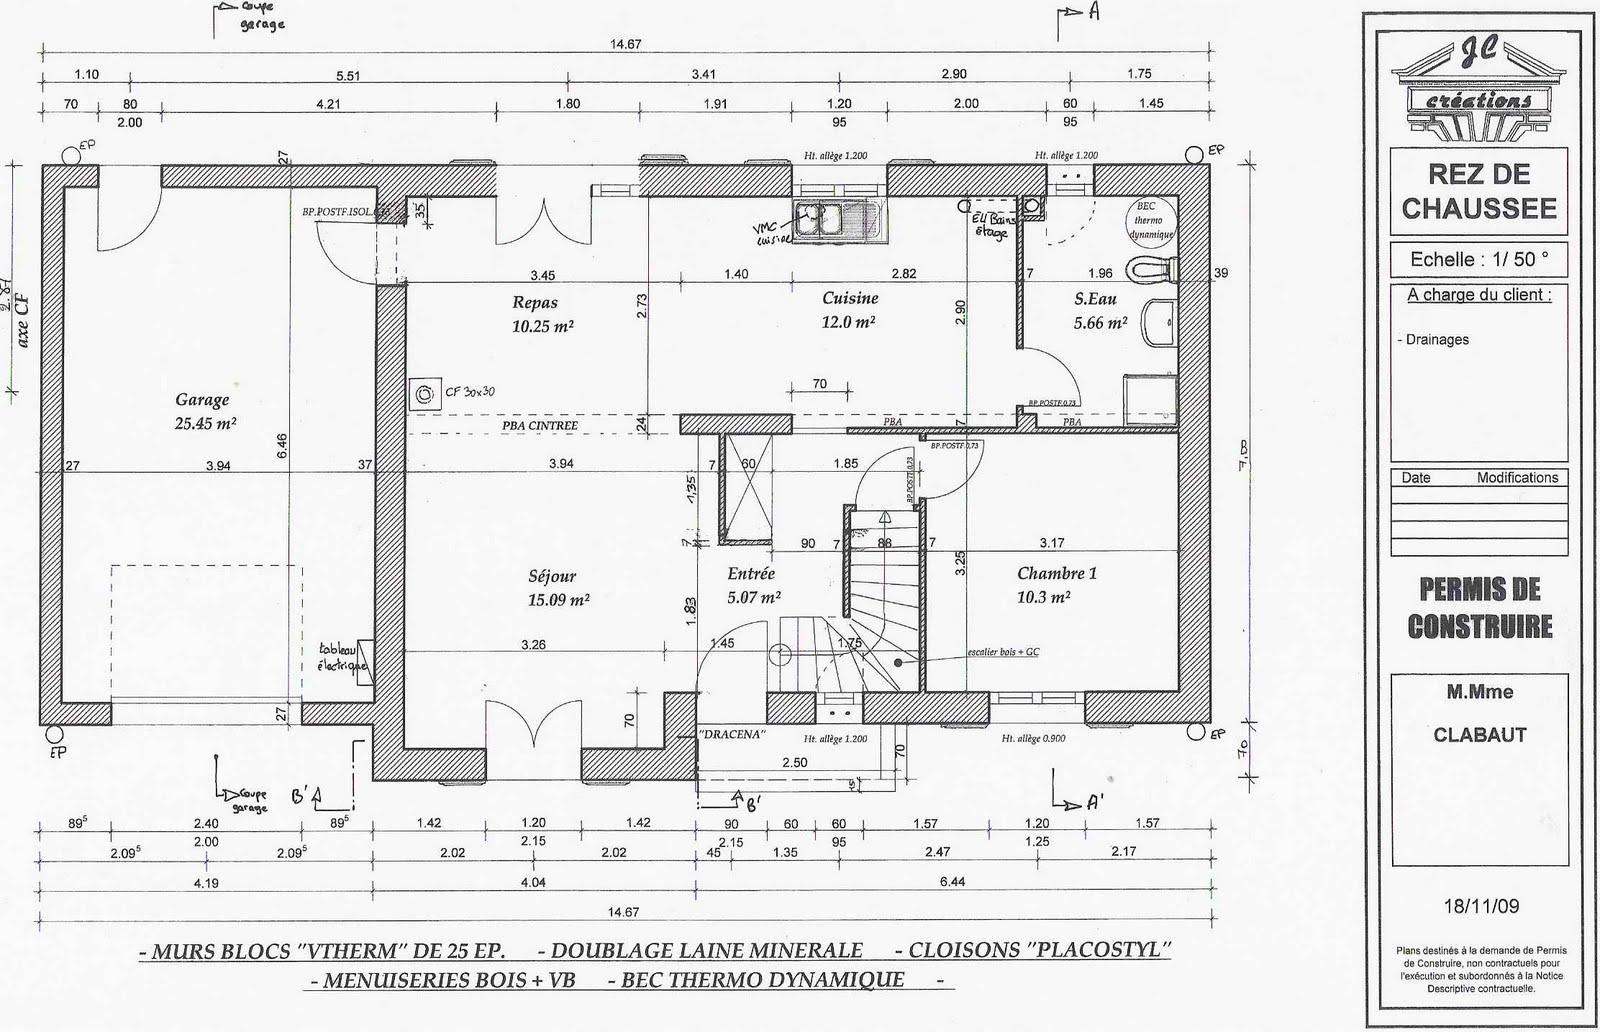 Je fais construire ma maison plan du rez de chauss e - Plan de coffrage ...